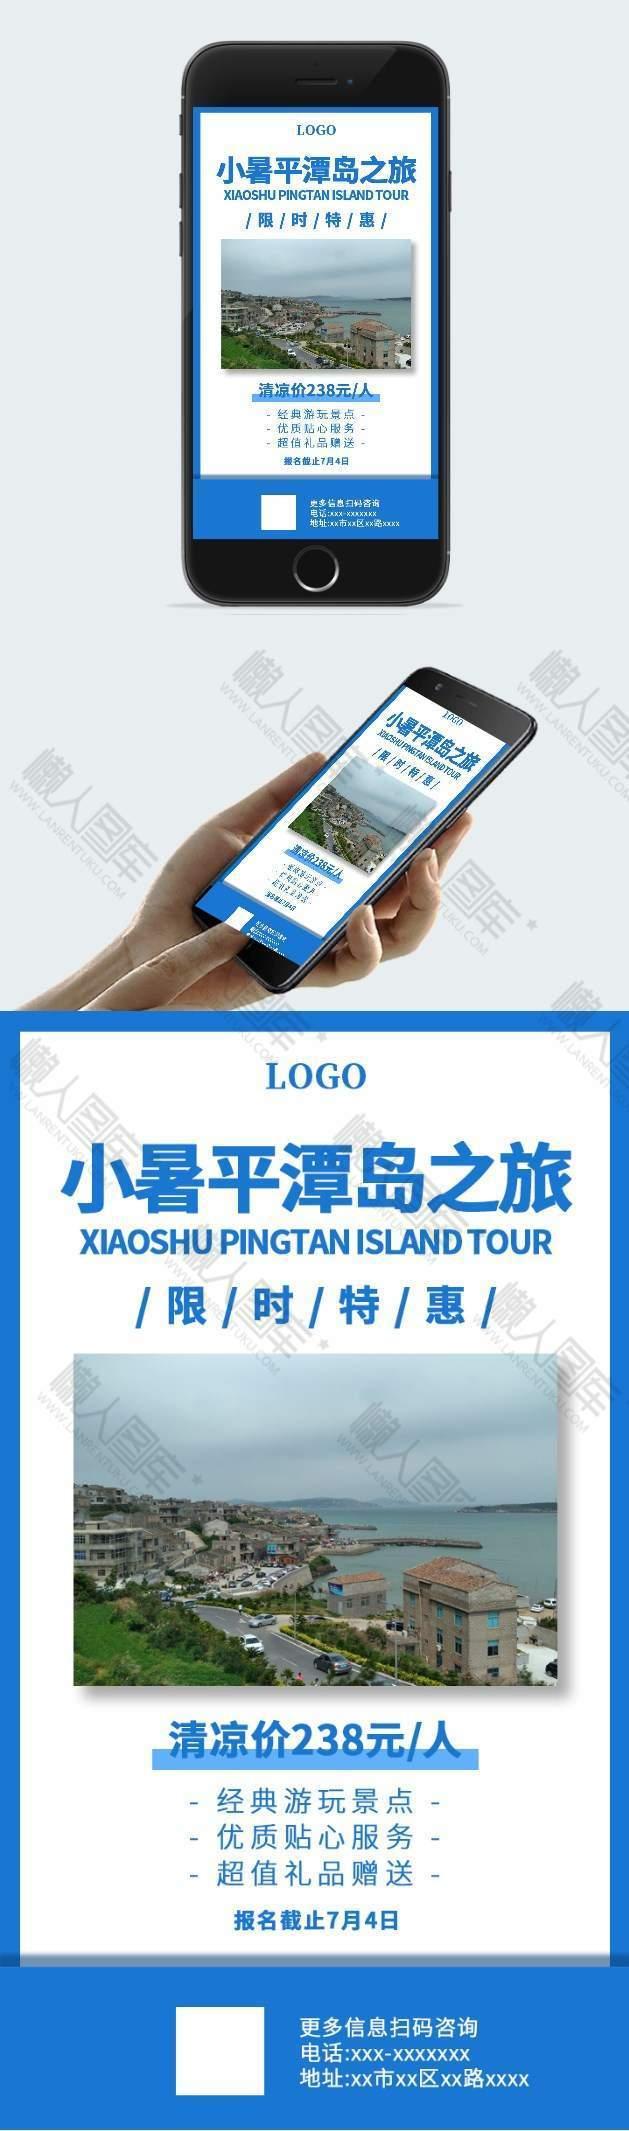 小暑旅游海岛宣传海报图1